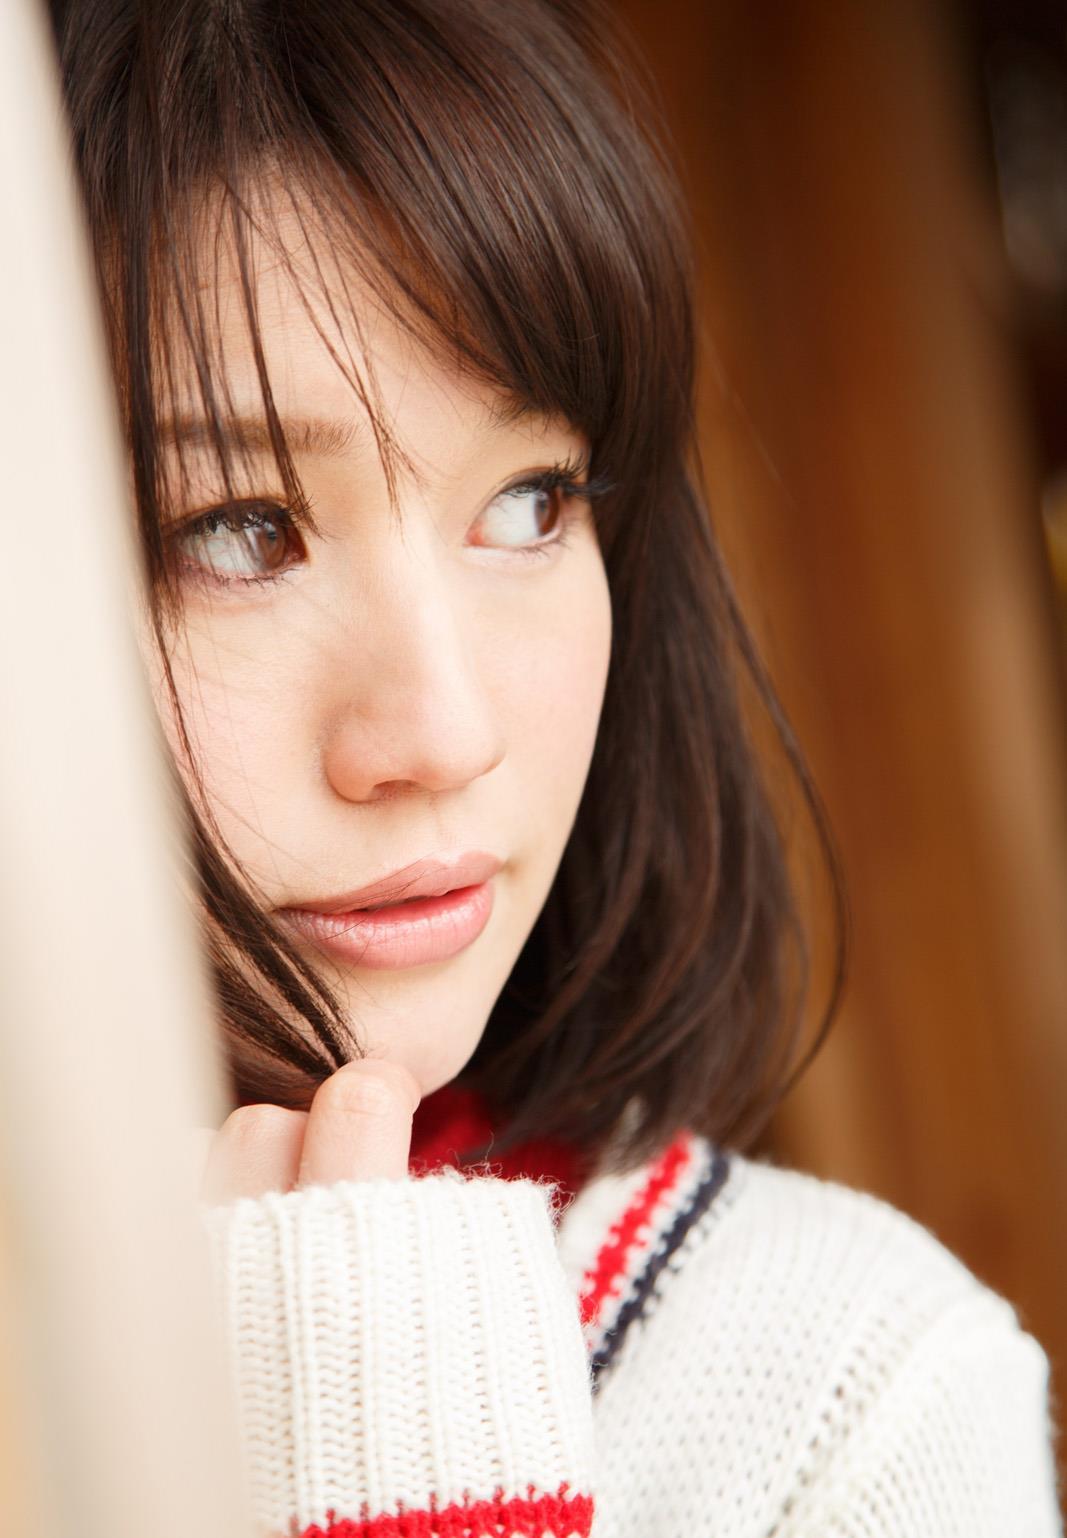 本田莉子 ヌード画像 60